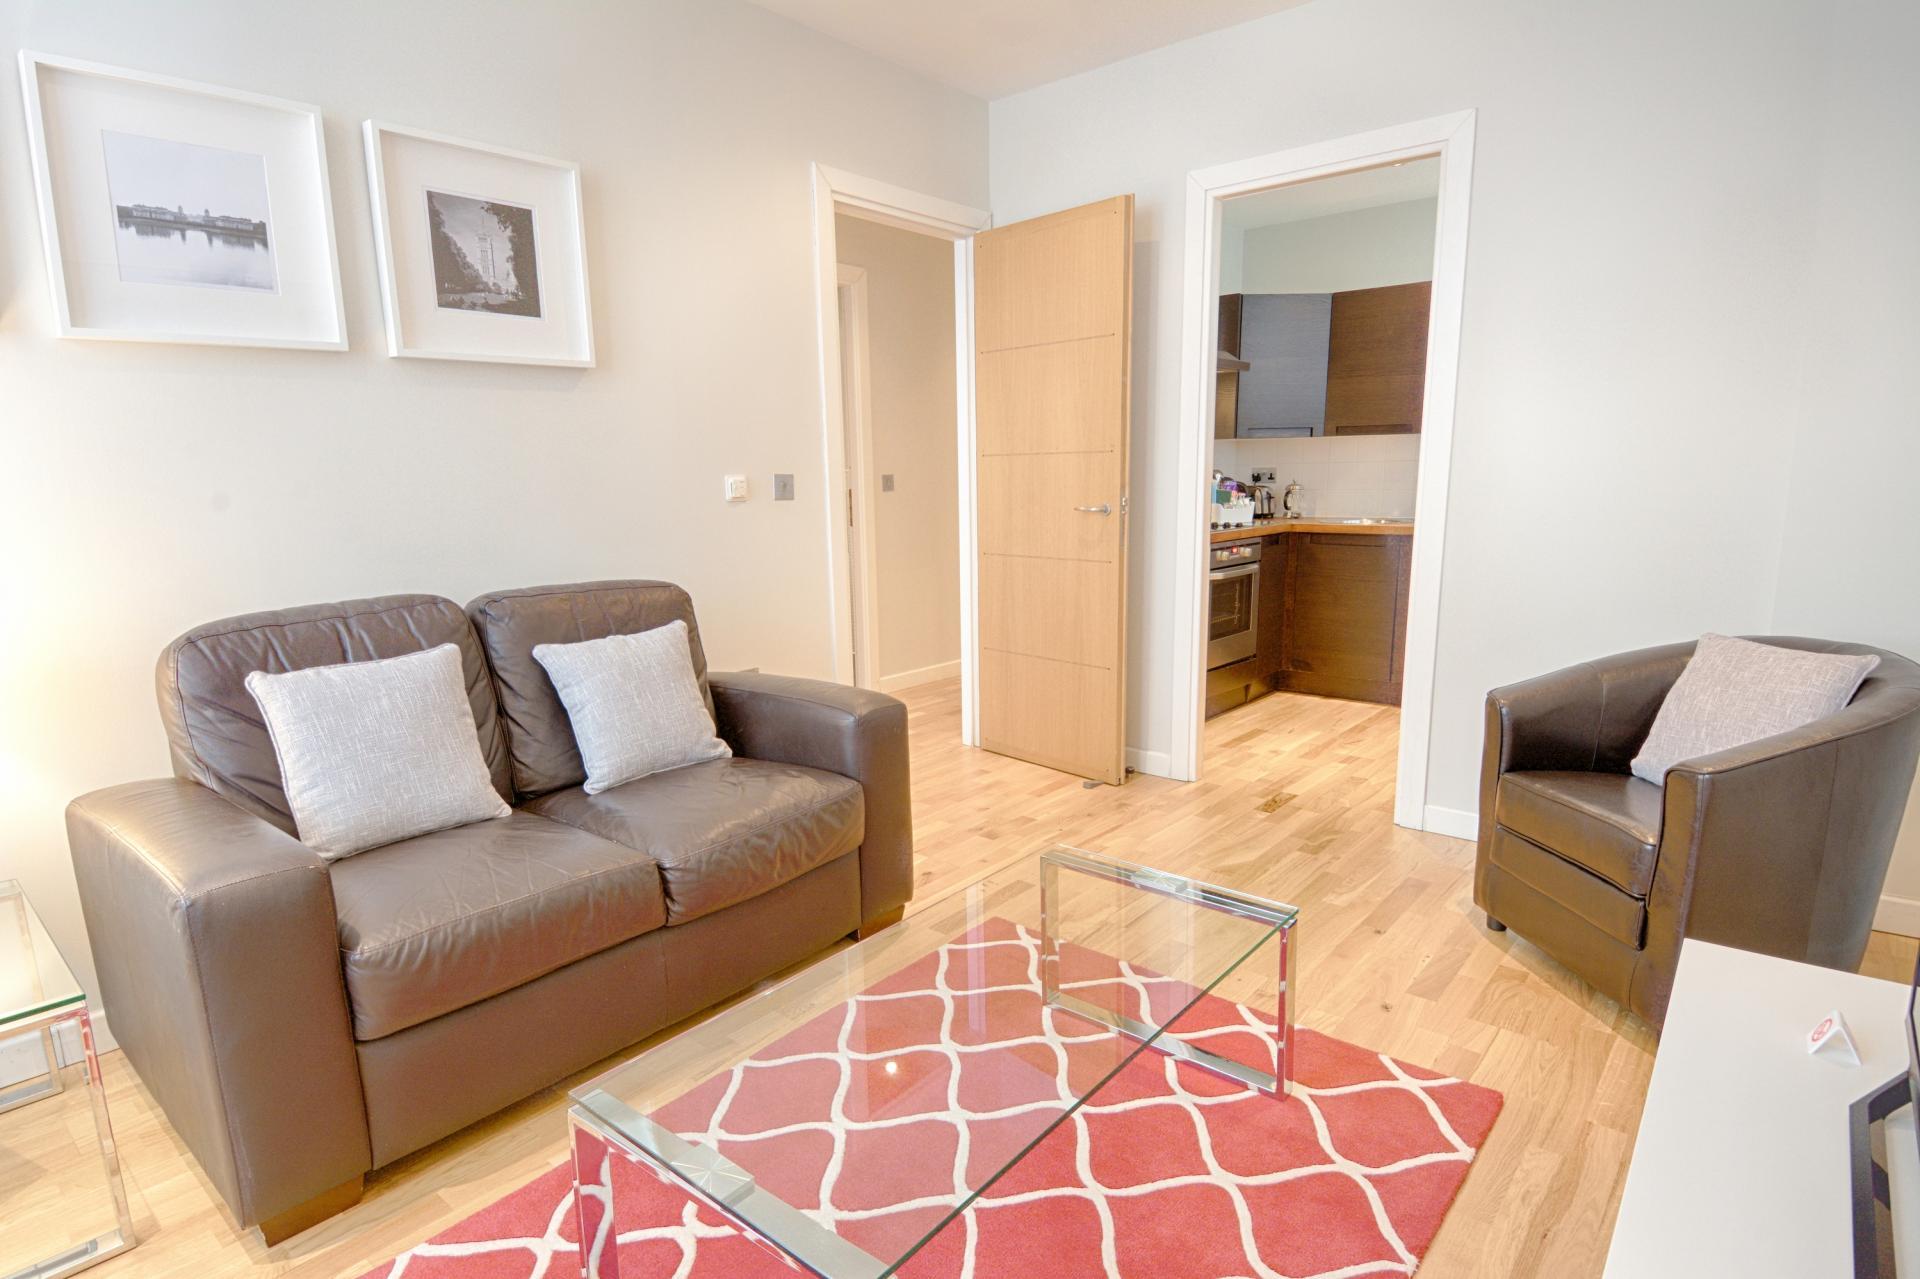 Sofa at Watling Street Apartments, St Pauls, London - Citybase Apartments